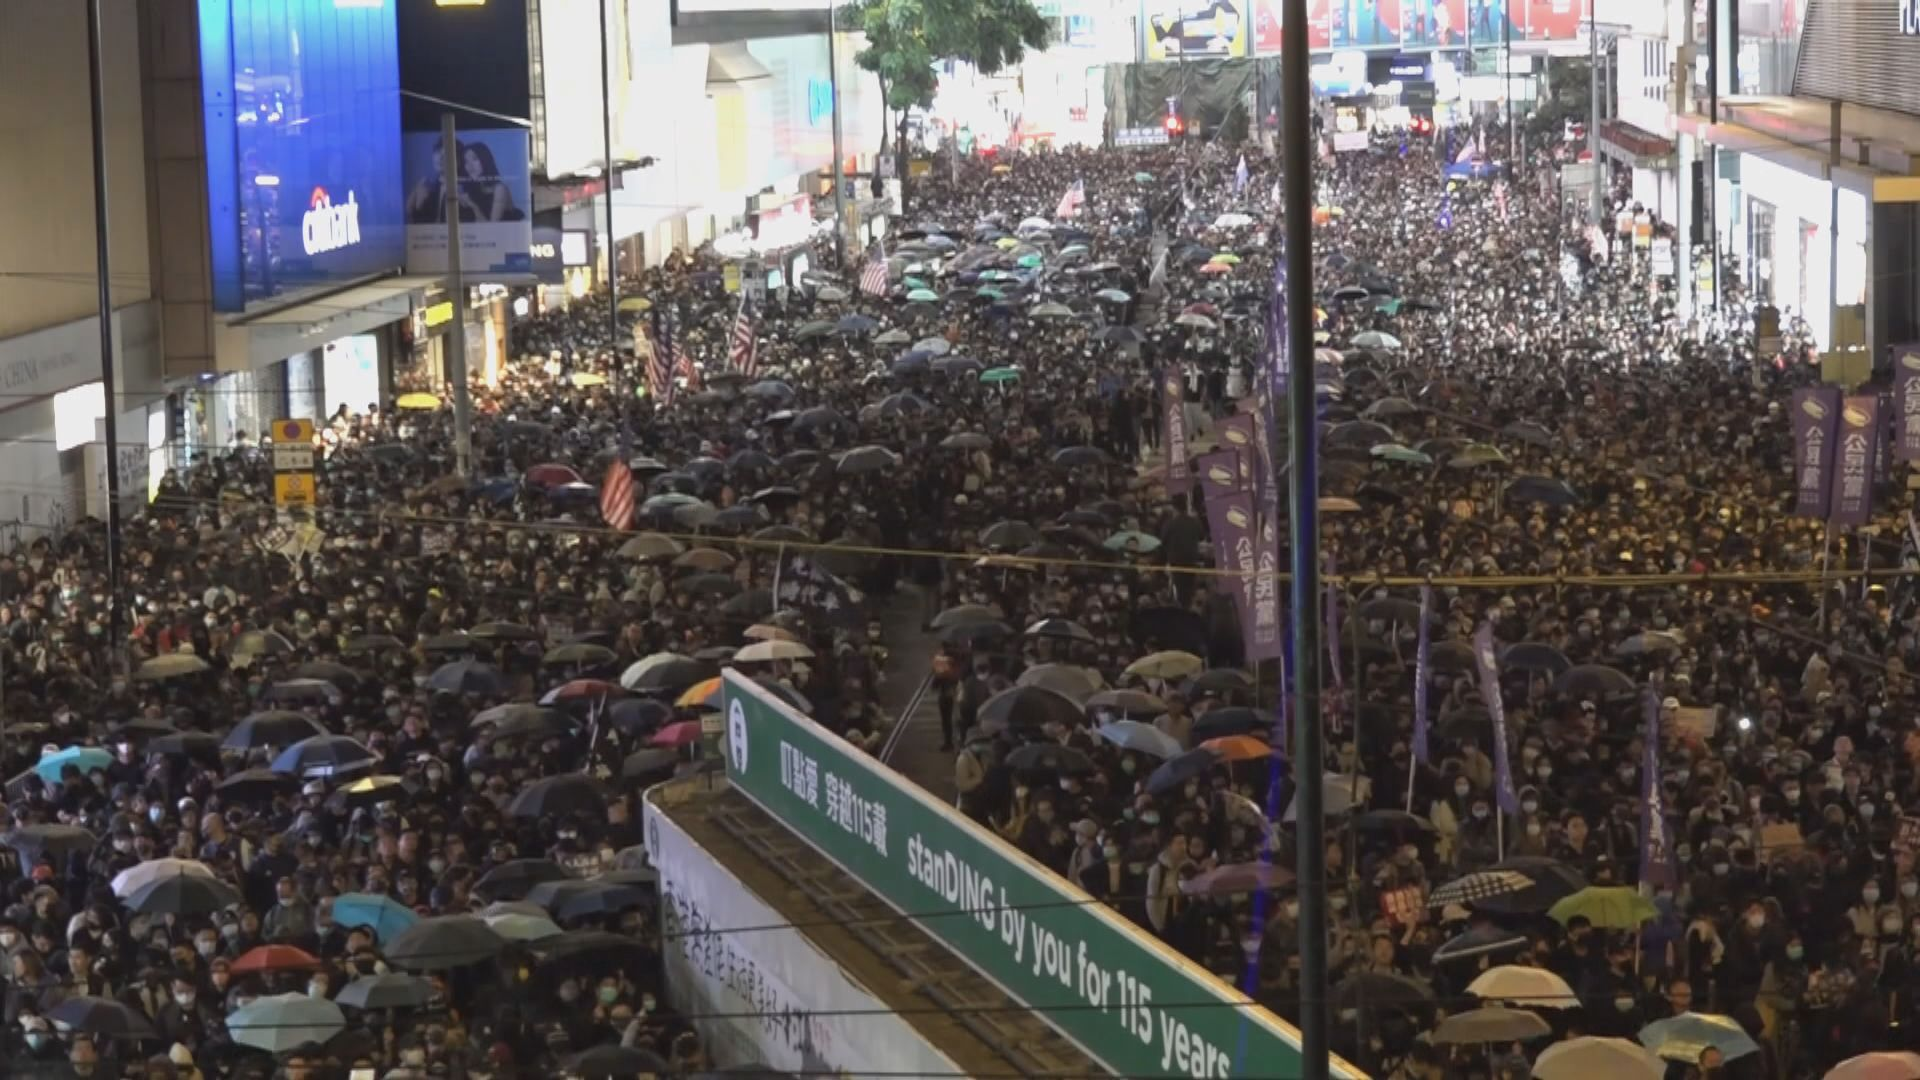 遊行入夜仍繼續 民陣終點呼籲市民散去